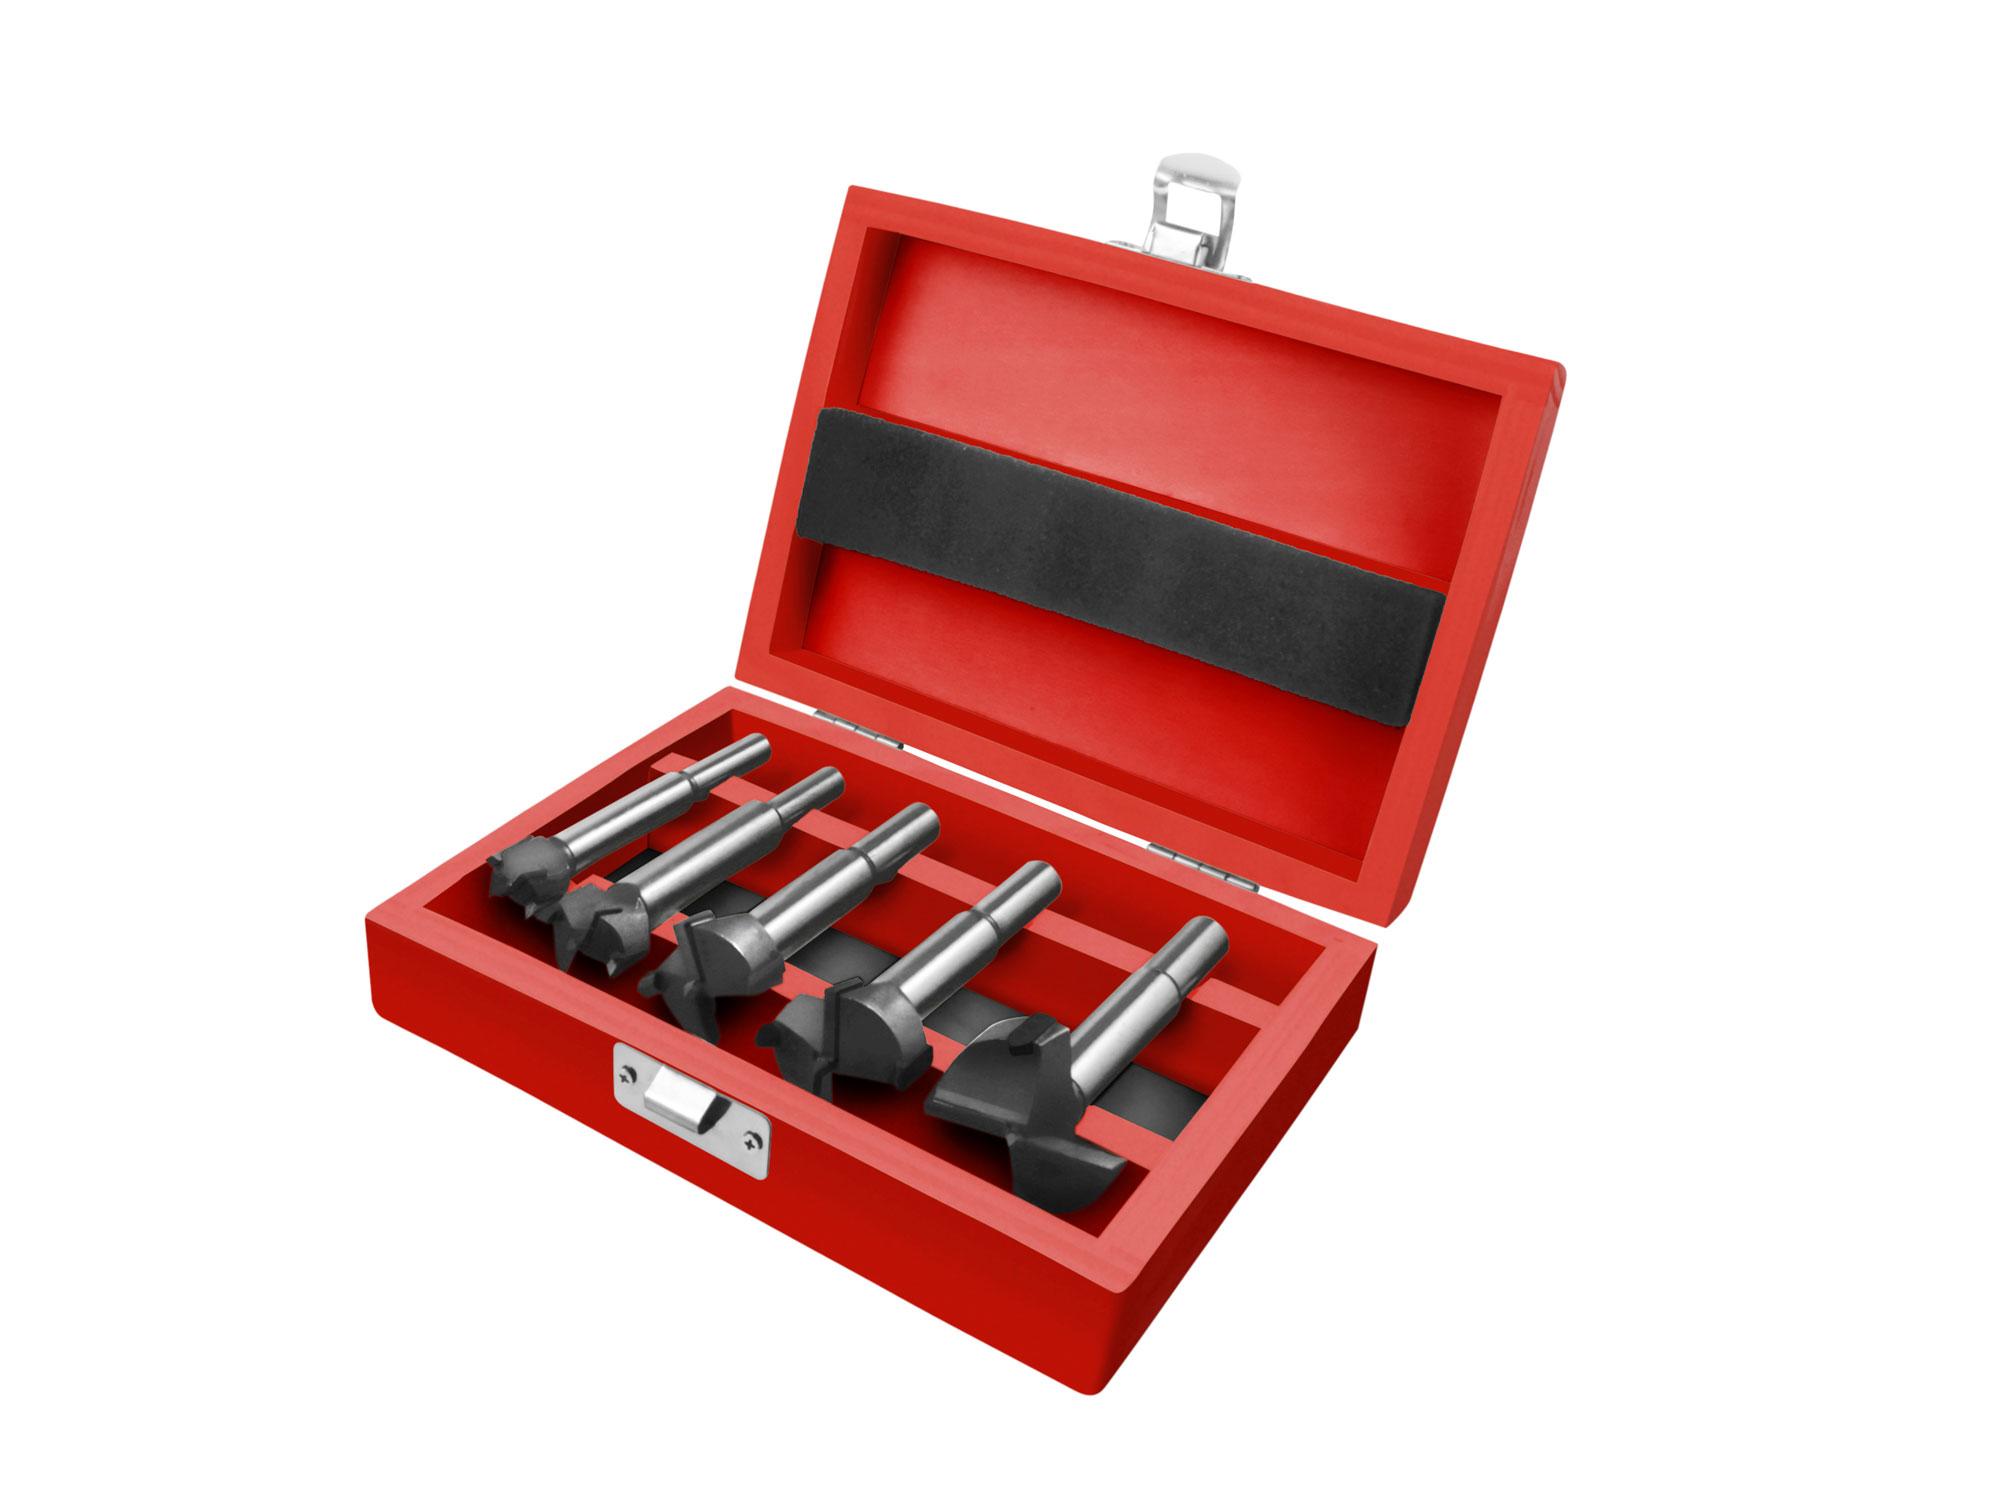 5pcs Forstner Bits Set with Carbide Tips, 15-20-25-30-35mm Dia., Shank 8-10mm